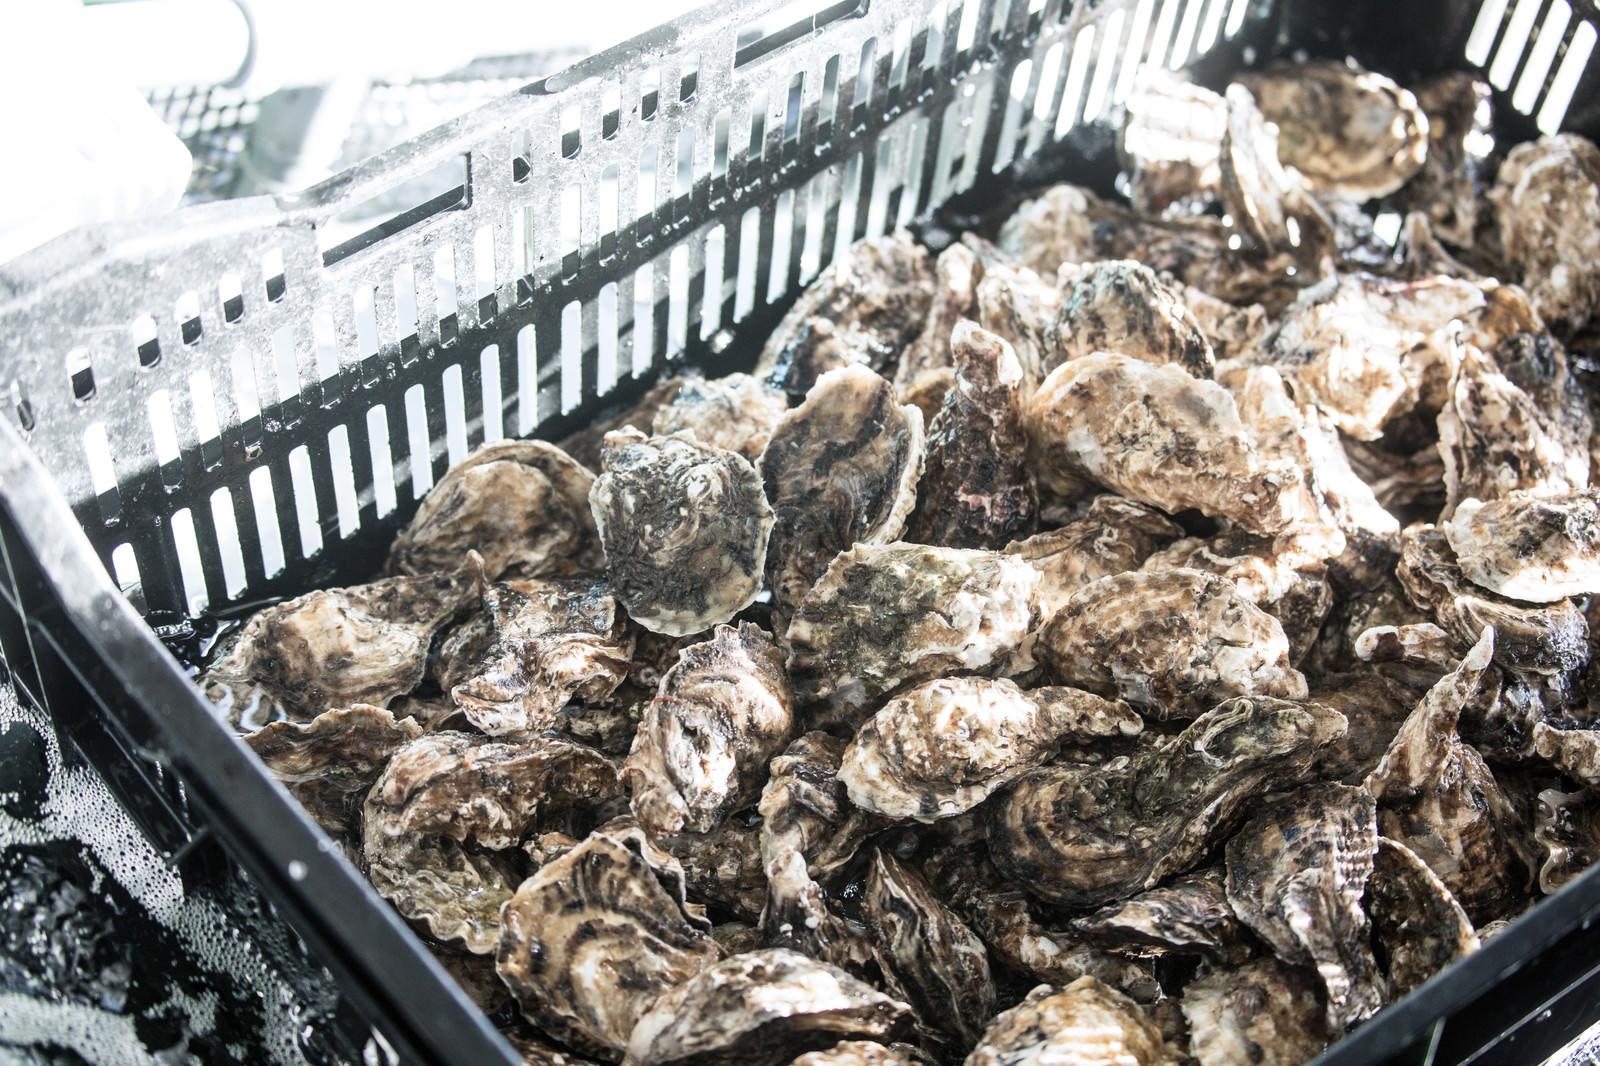 「大村湾漁協組合で販売している獲れたての牡蠣」の写真